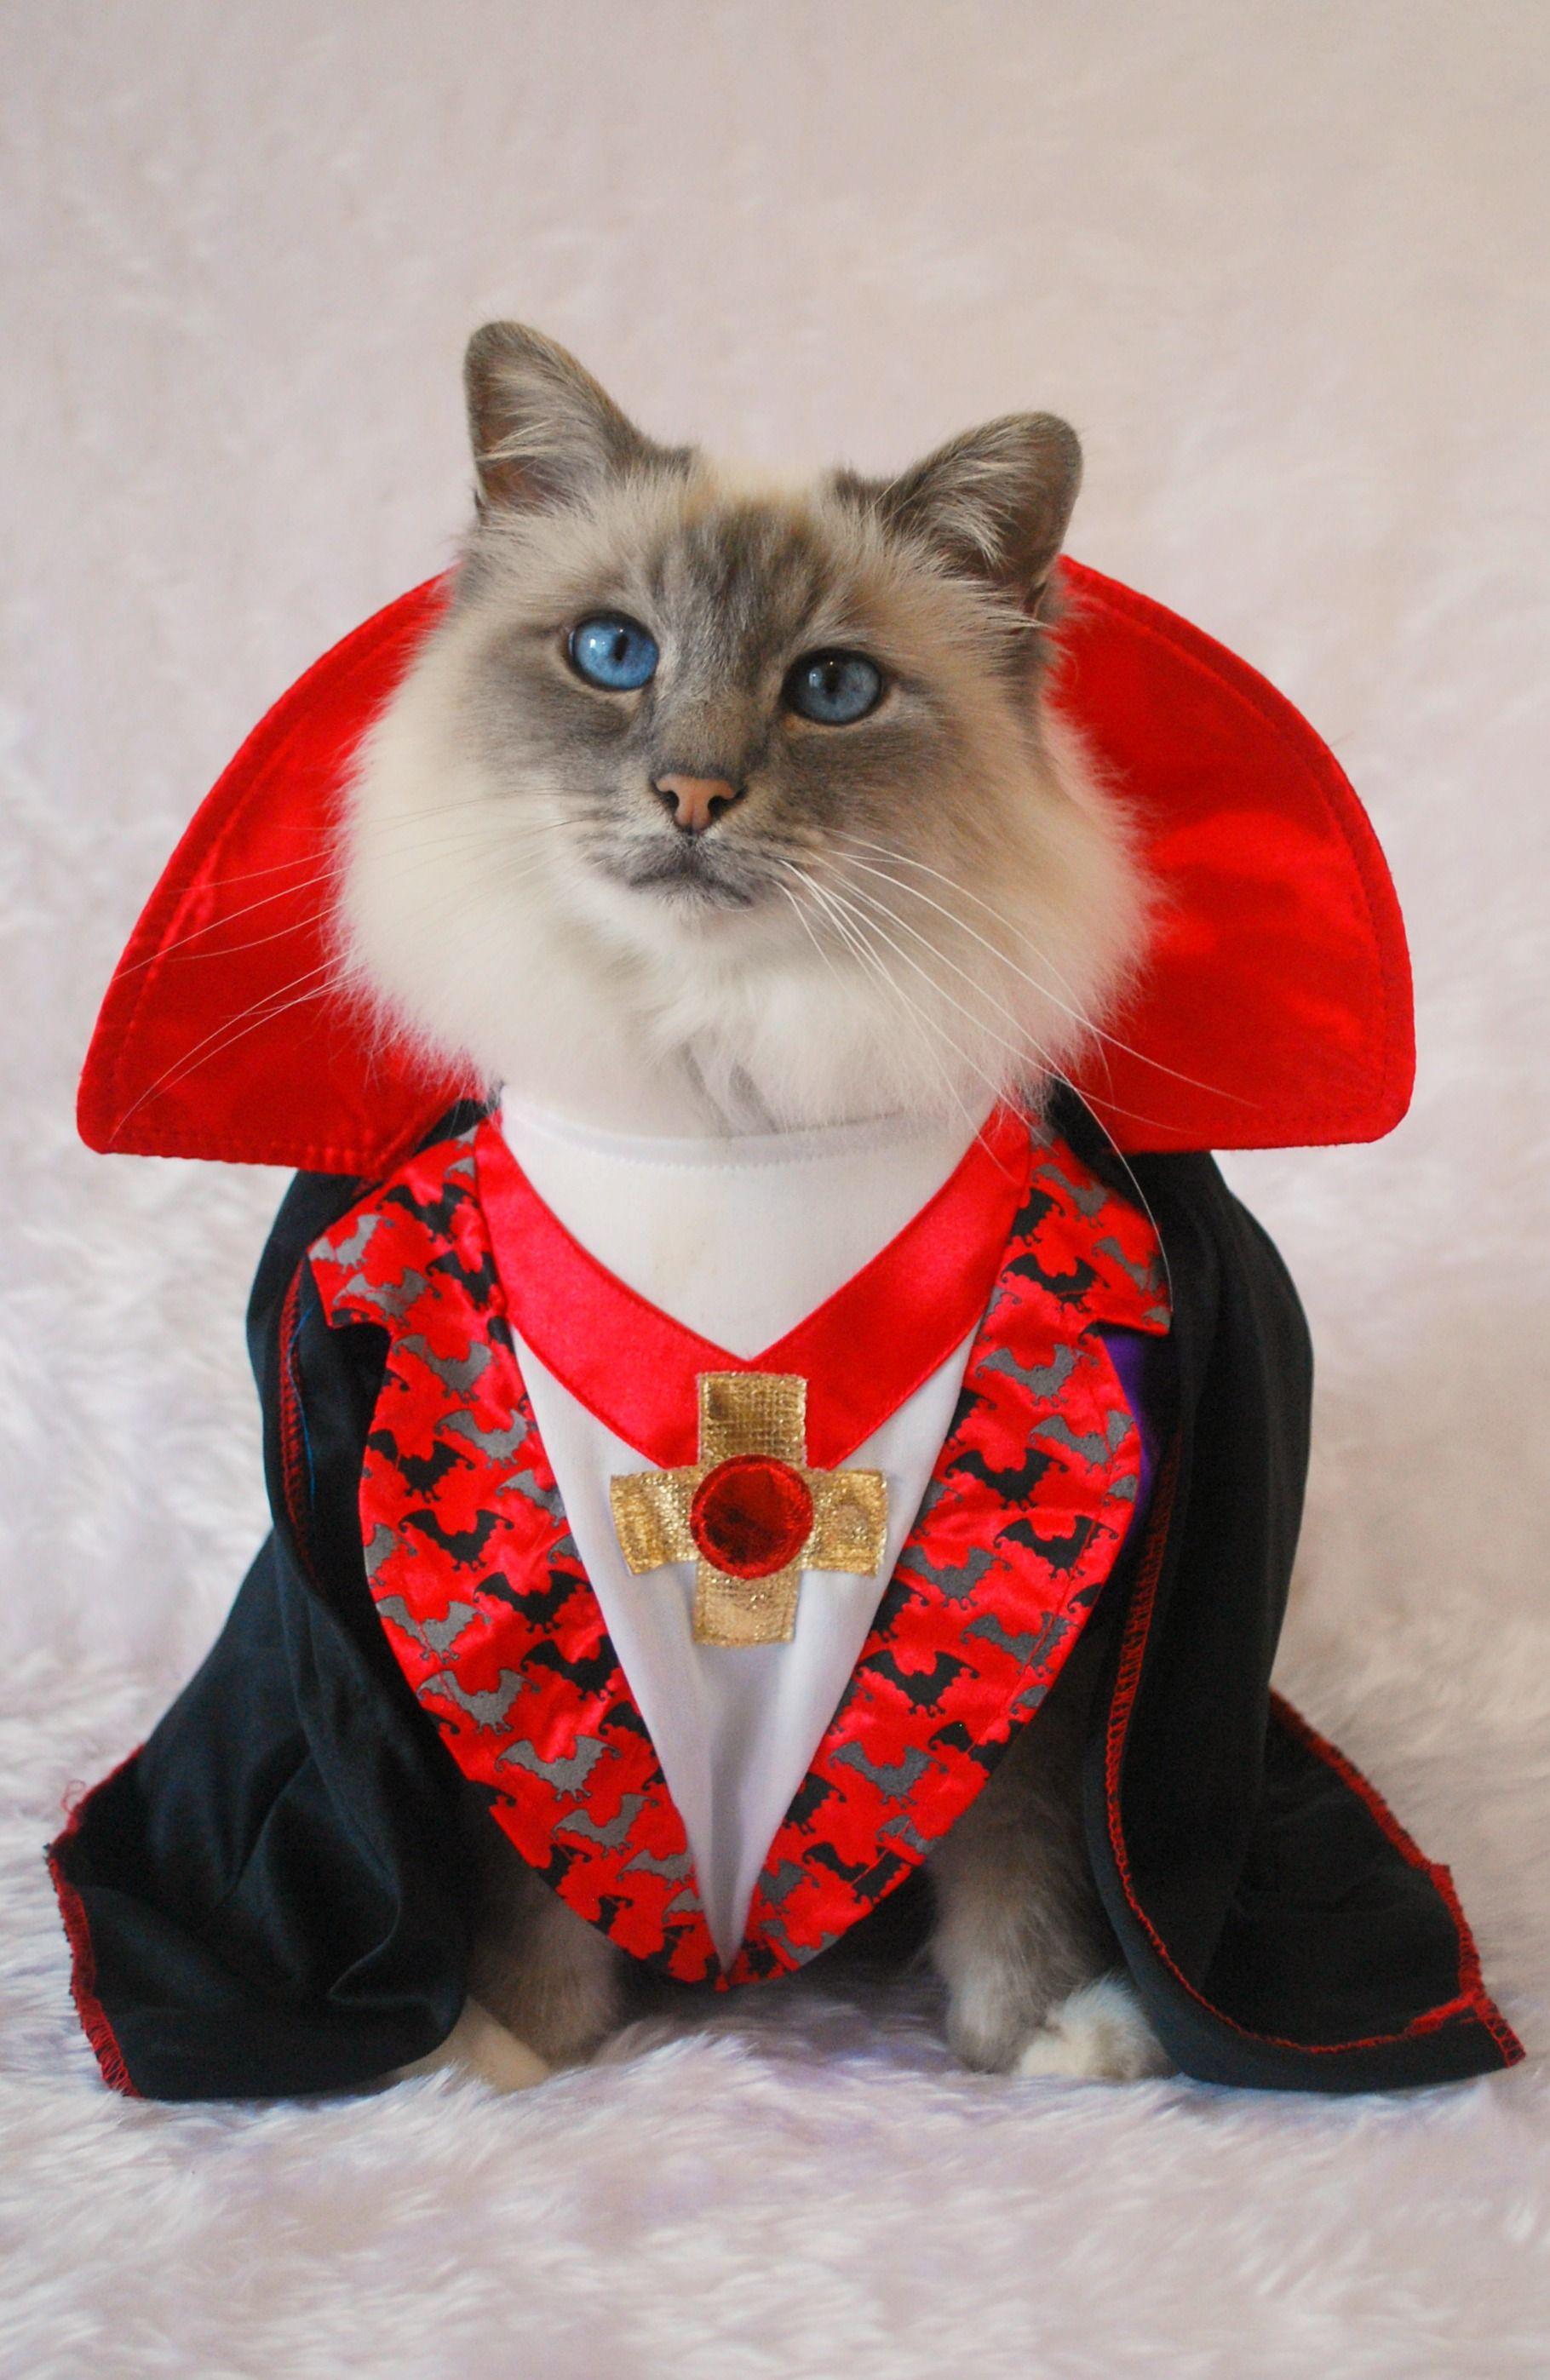 MR. HALLOWEEN CATS Cat halloween costume, Cat costumes